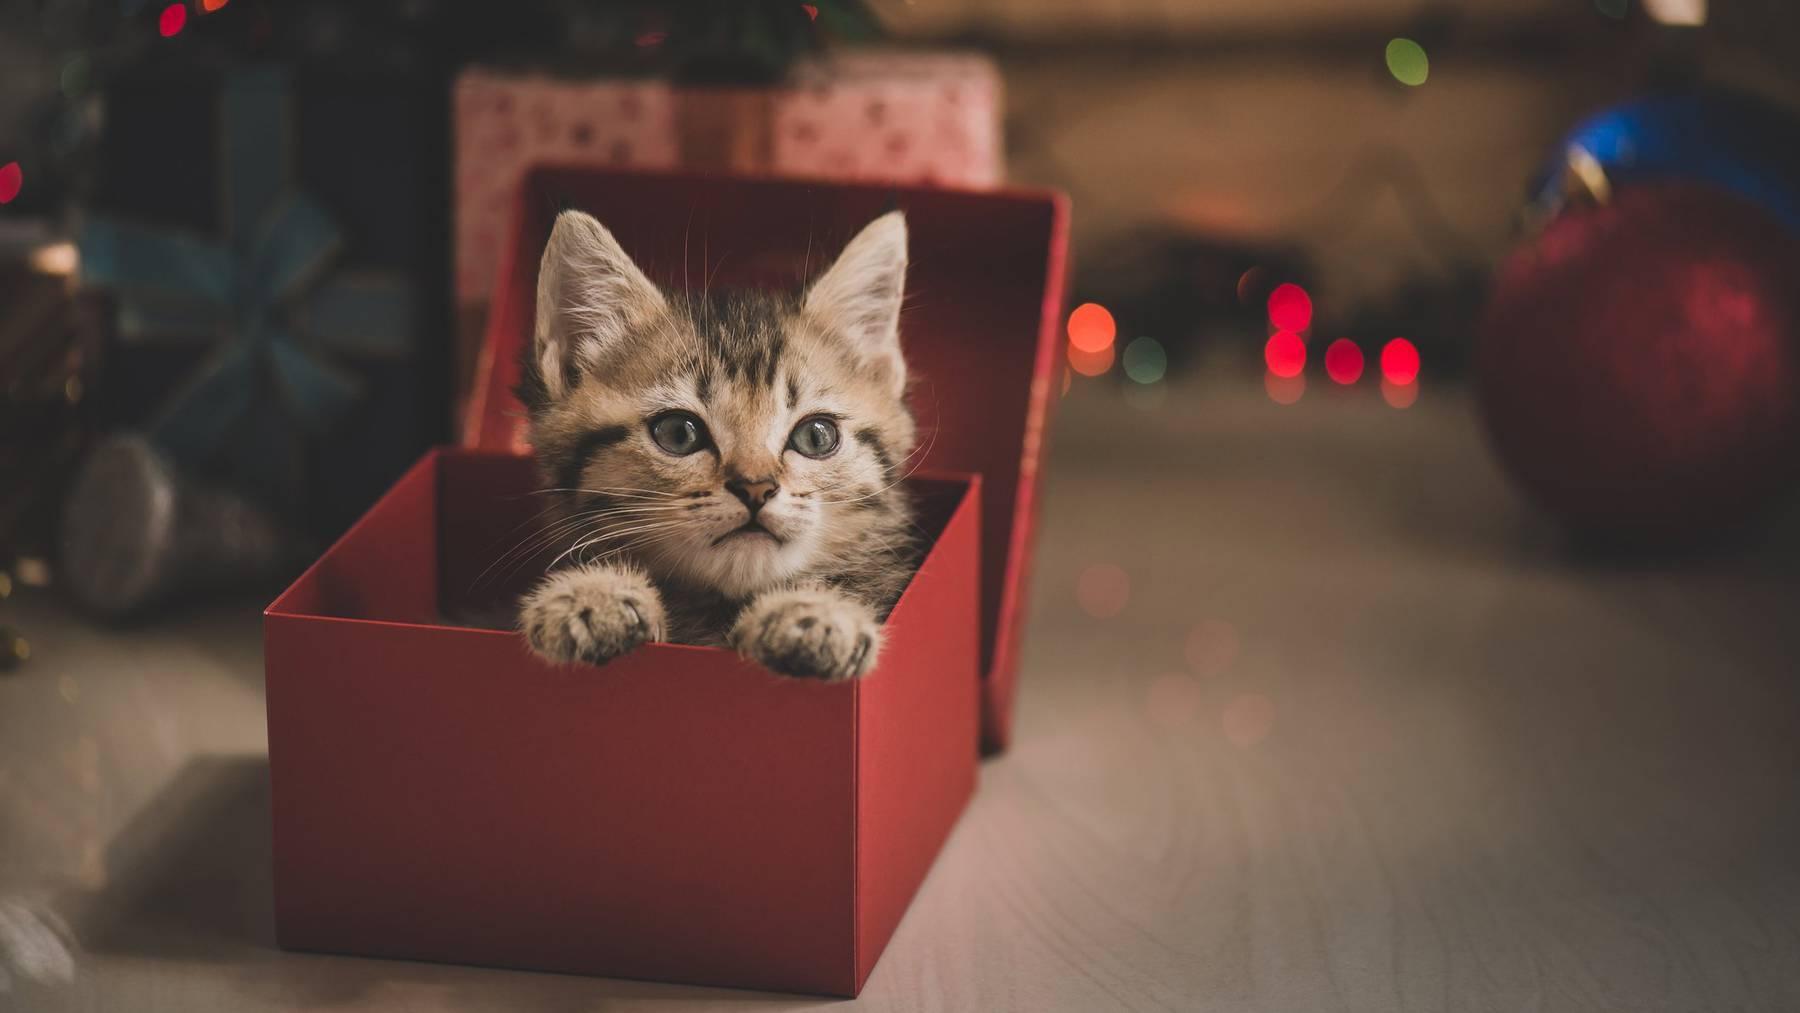 Tiere auf Weinachten zu schenken ist heikel – denn es bringt nebst Freude auch viel Verantwortung mit sich.